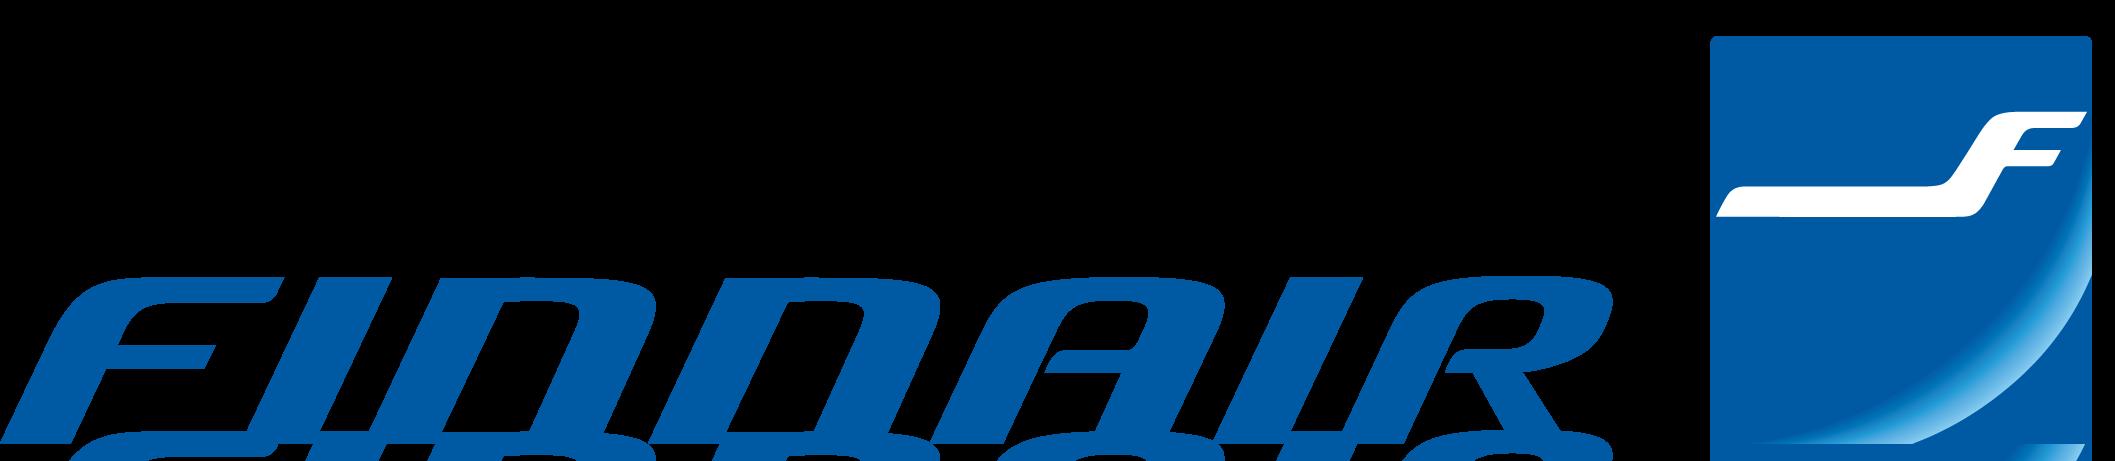 Авиакомпания Finnair (Финнэйр)